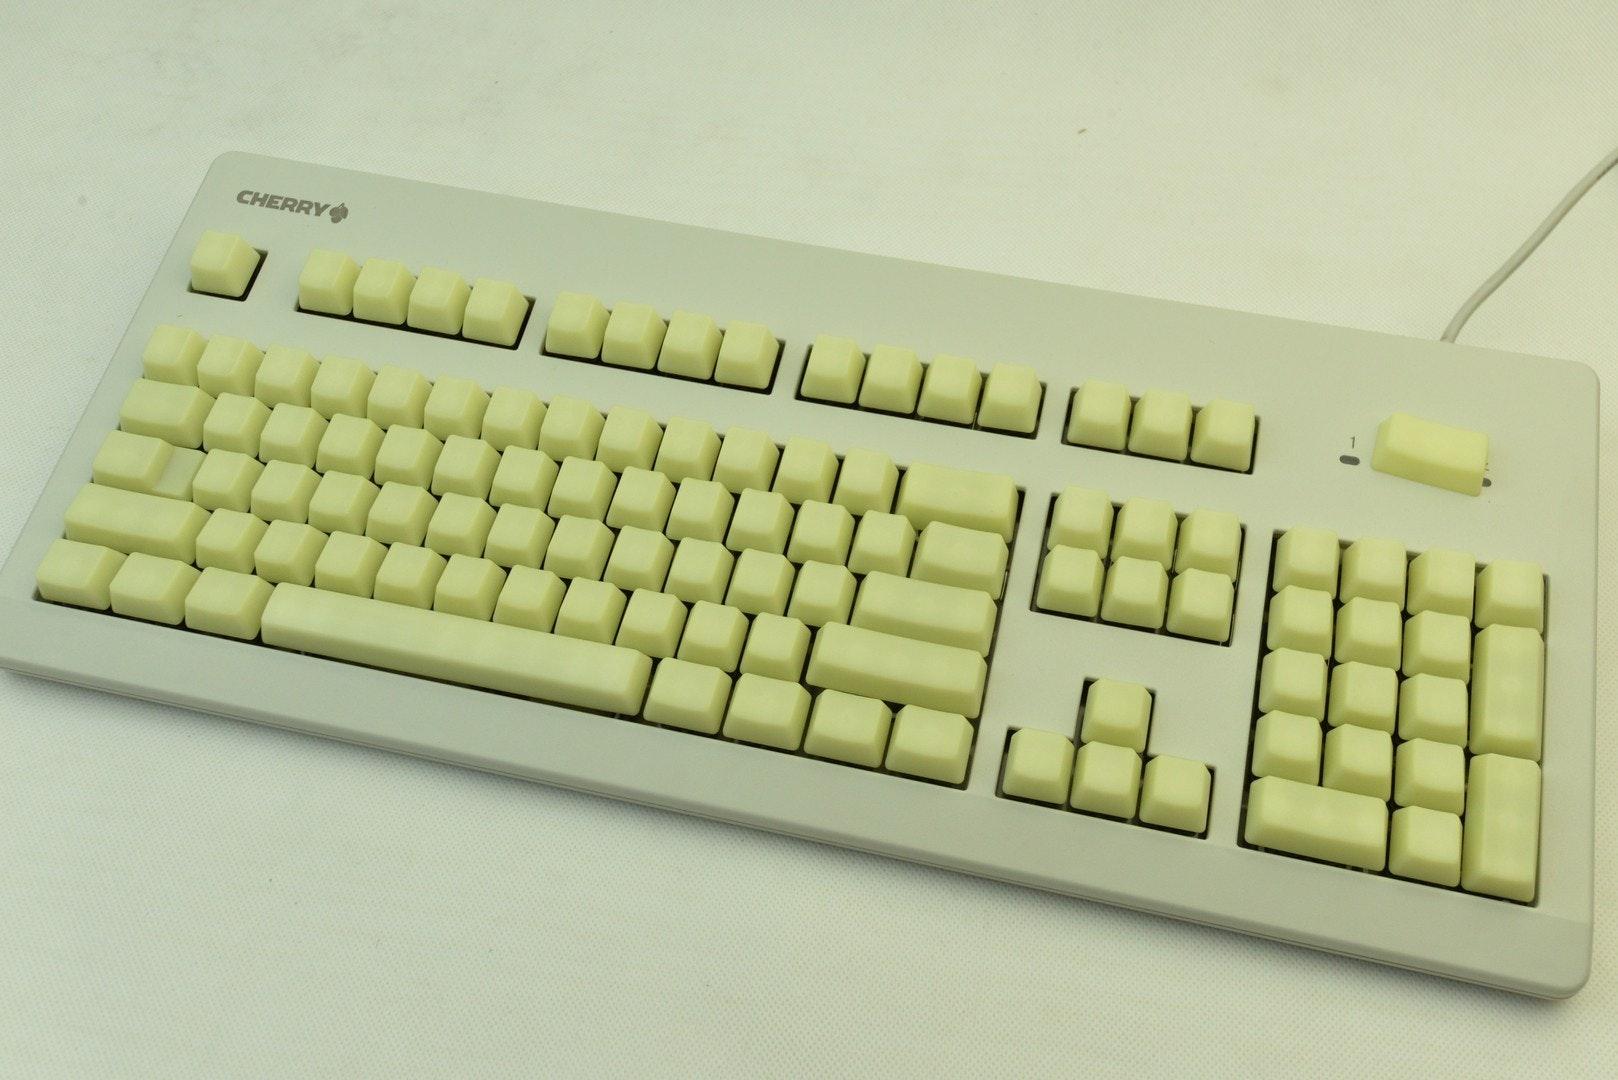 Yellow Jelly POM Keycaps